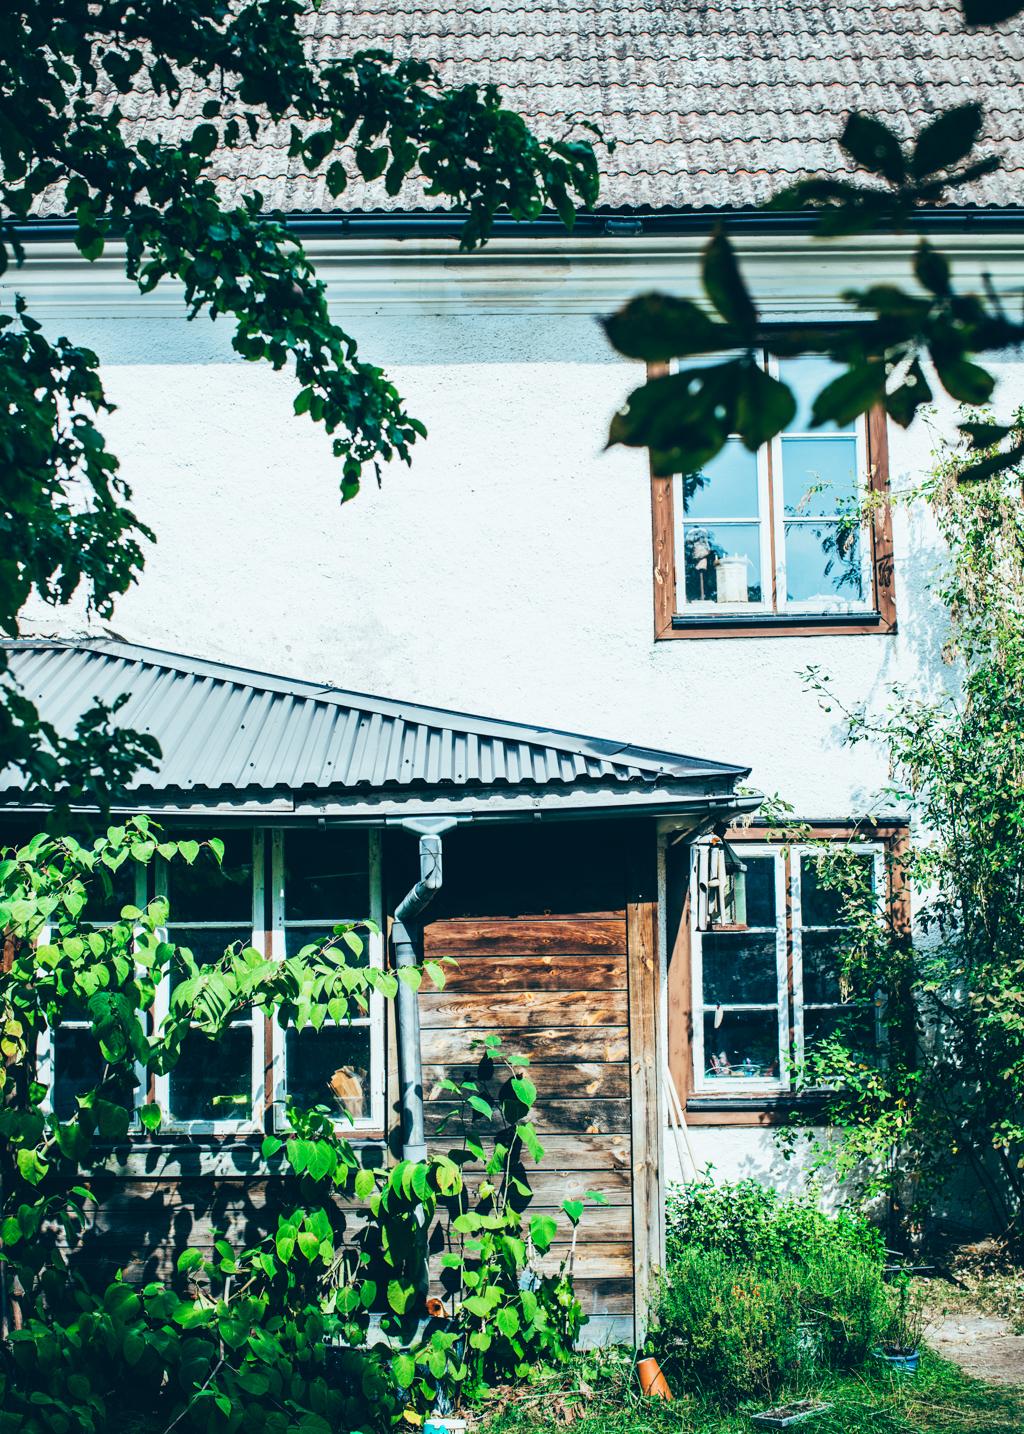 gotland_kristin lagerqvist-9978